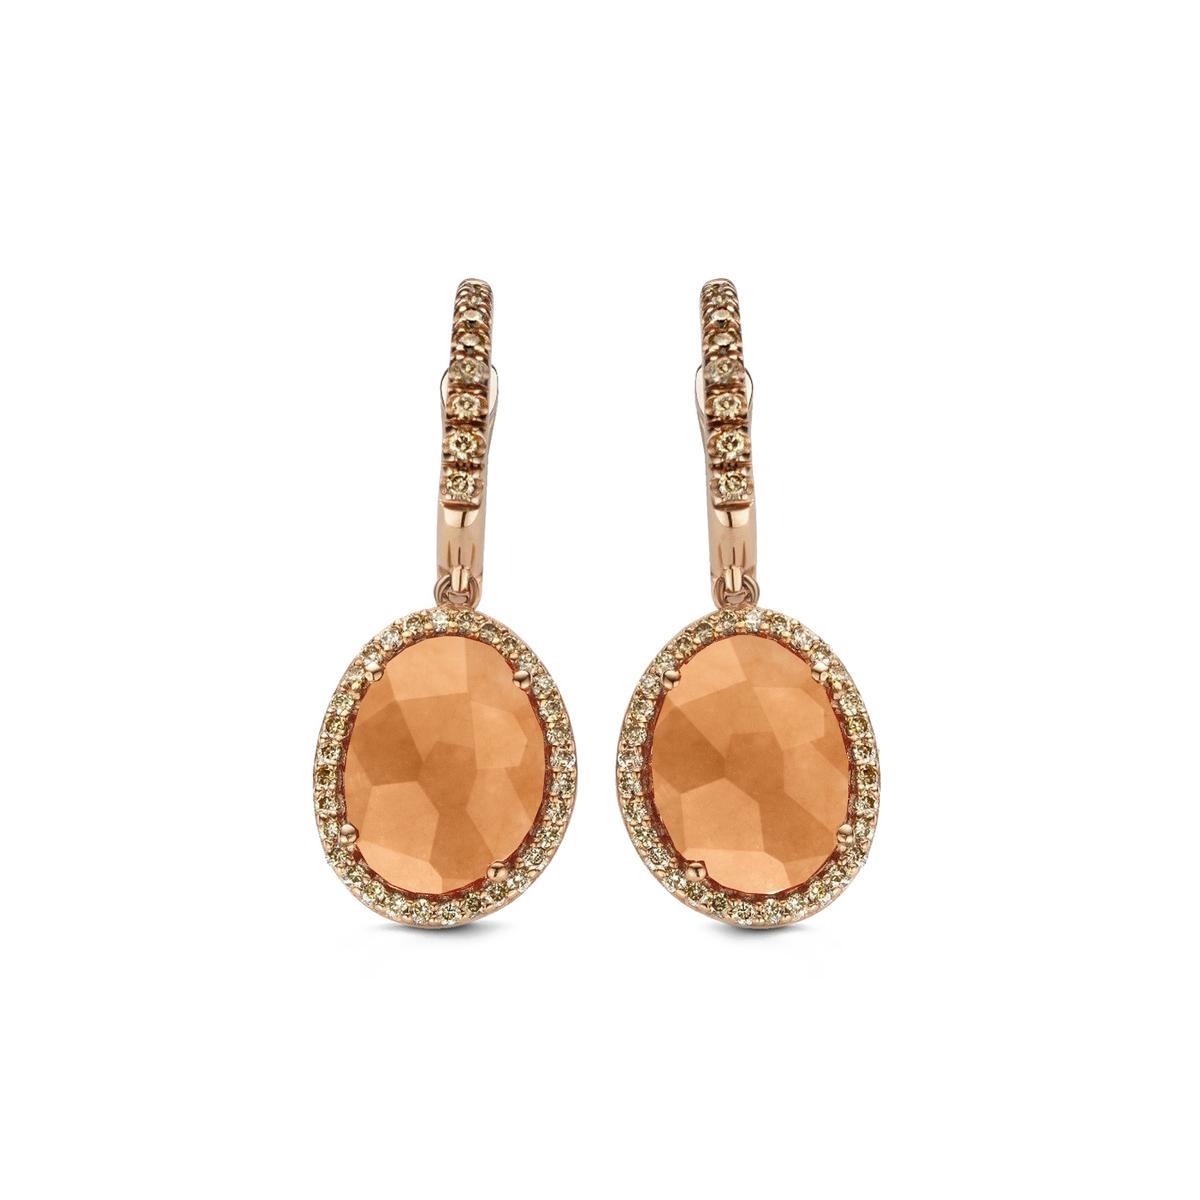 stromboli earrings in rose gold